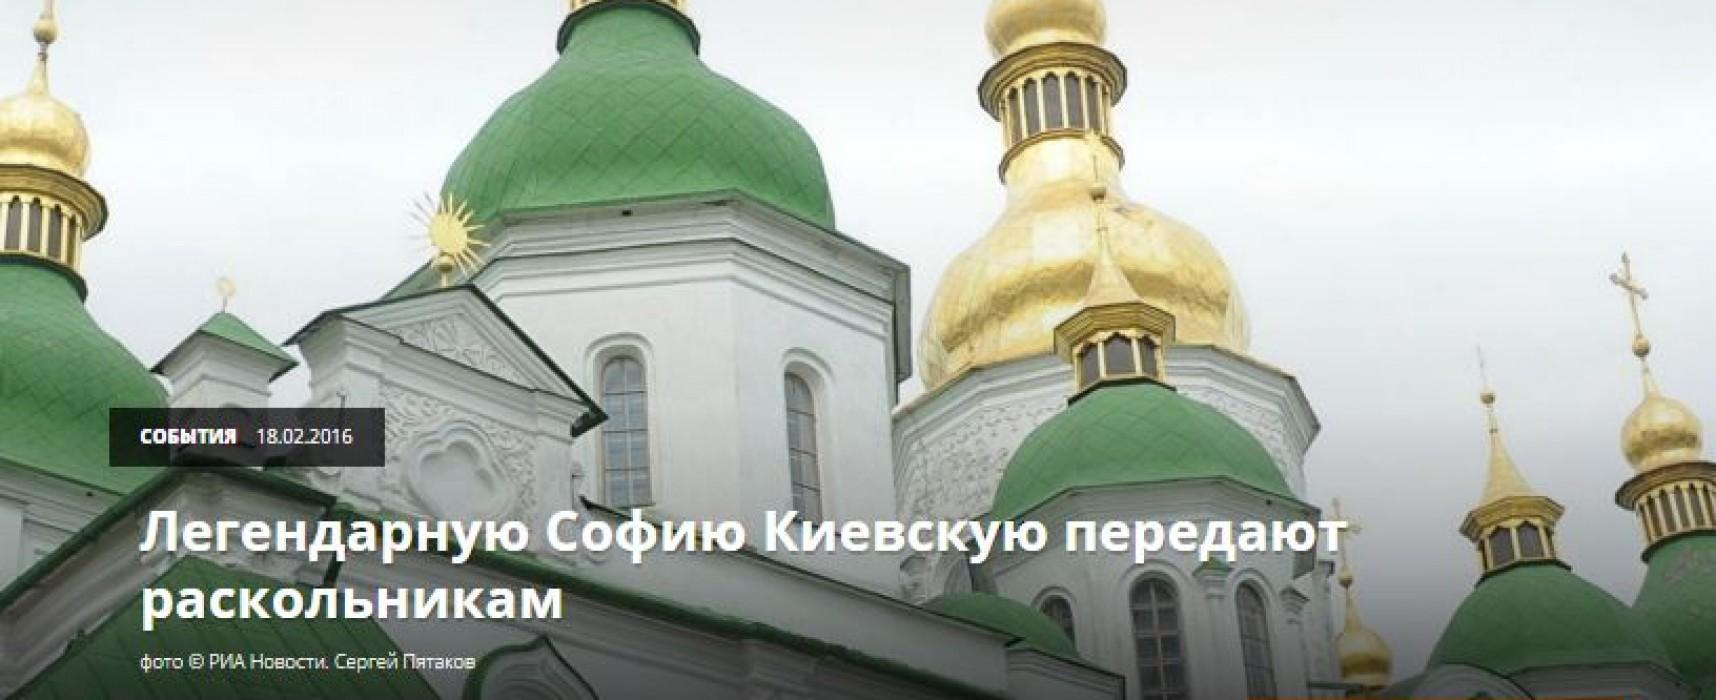 Fake : La cathédrale Sainte-Sophie de Kiev va être transférée à l'Église Orthodoxe ukrainienne